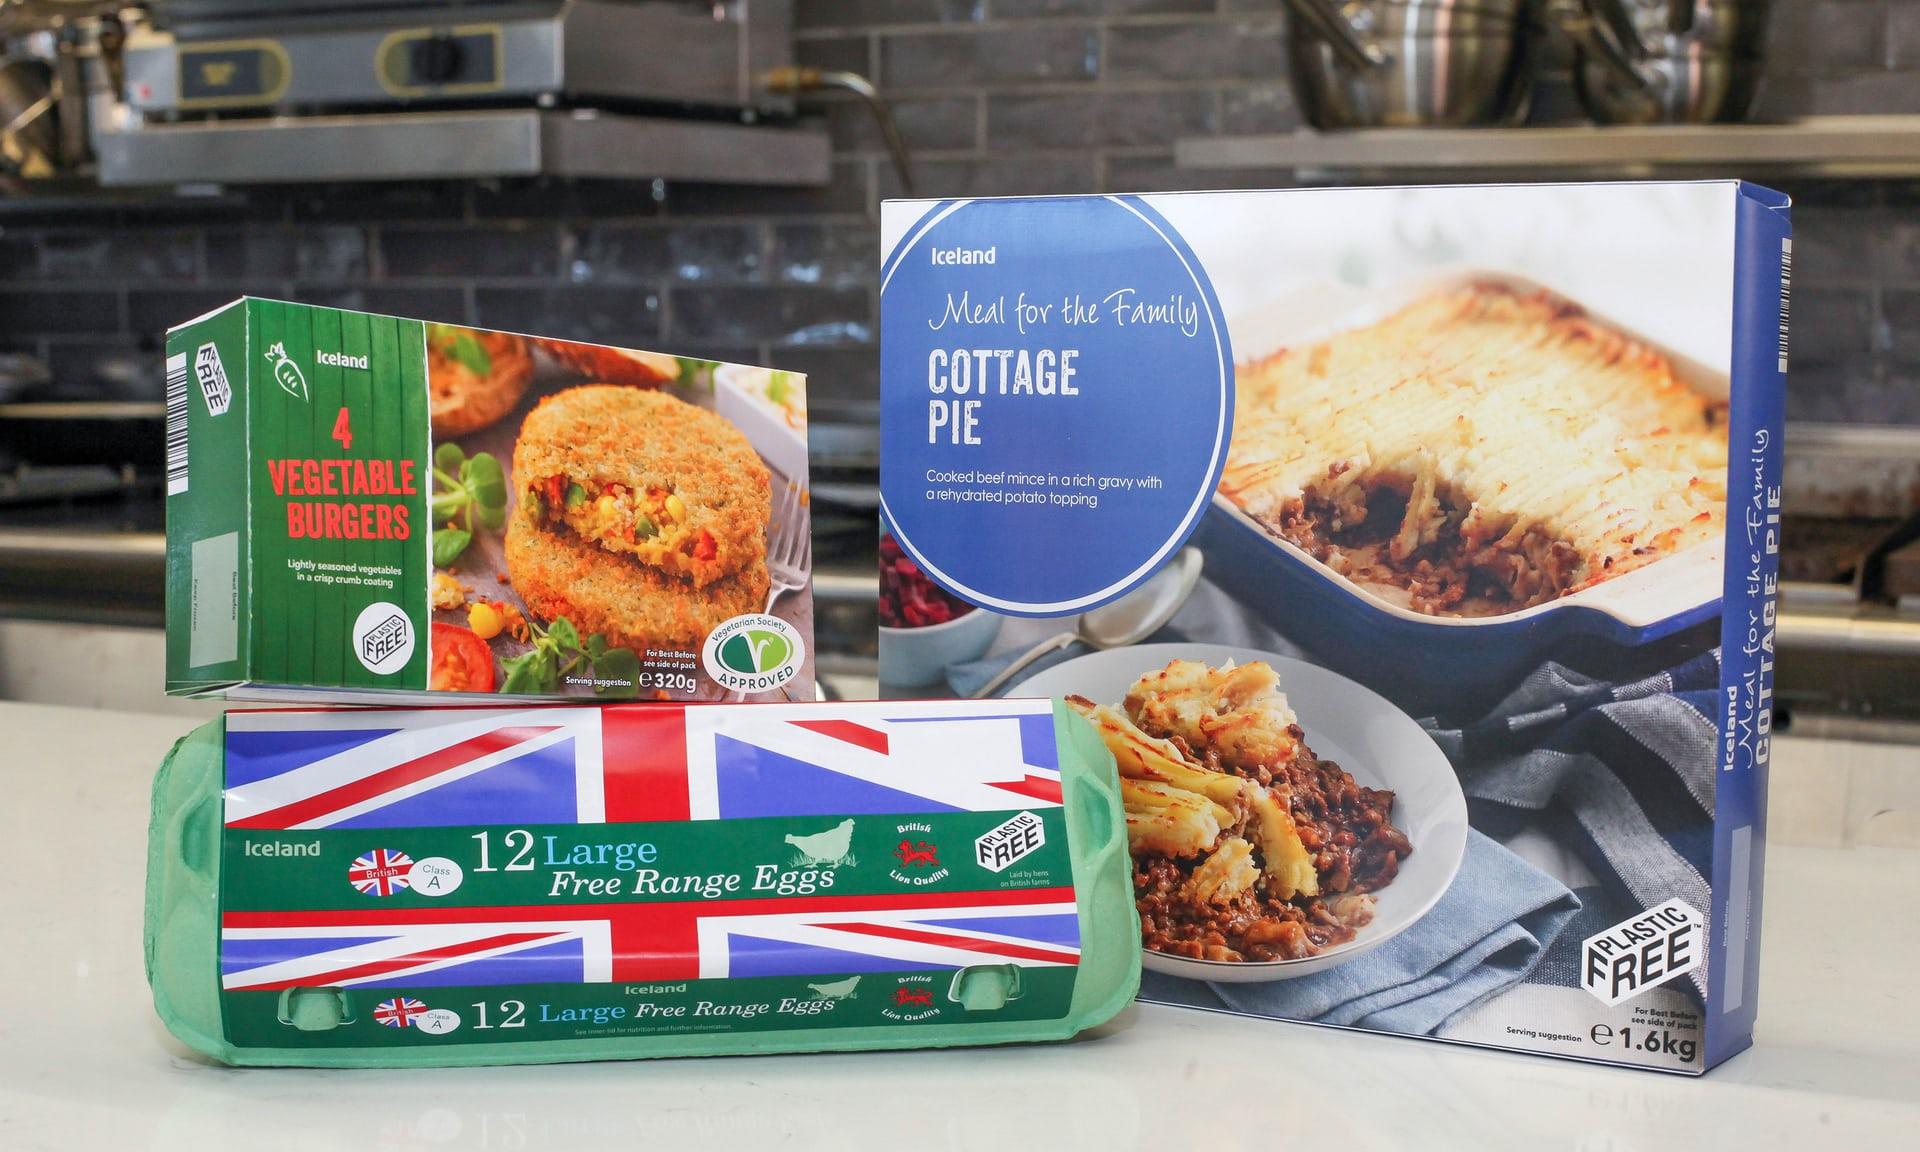 Nová britská značka pomůže zákazníkům zatočit s plastovými obaly